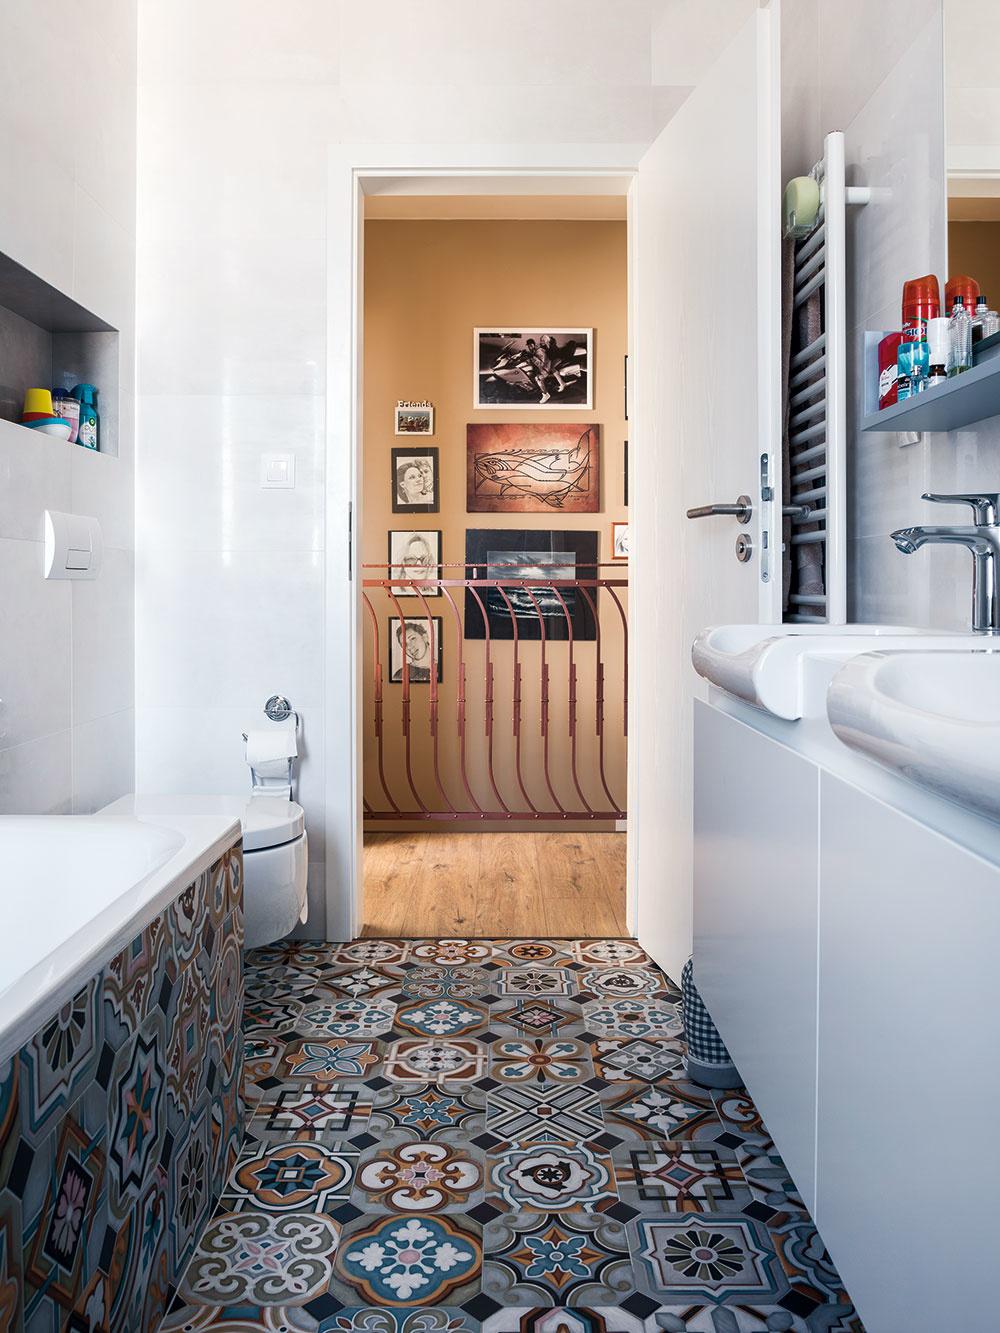 Vysnívanú dlažbu, ktorá imituje starú podlahu v kúpeľoch, doplnila architektka bielym obkladom, ktorý jej nekonkuruje. V dispozícii kúpeľne sa udiali najväčšie zmeny v mene praktickosti.